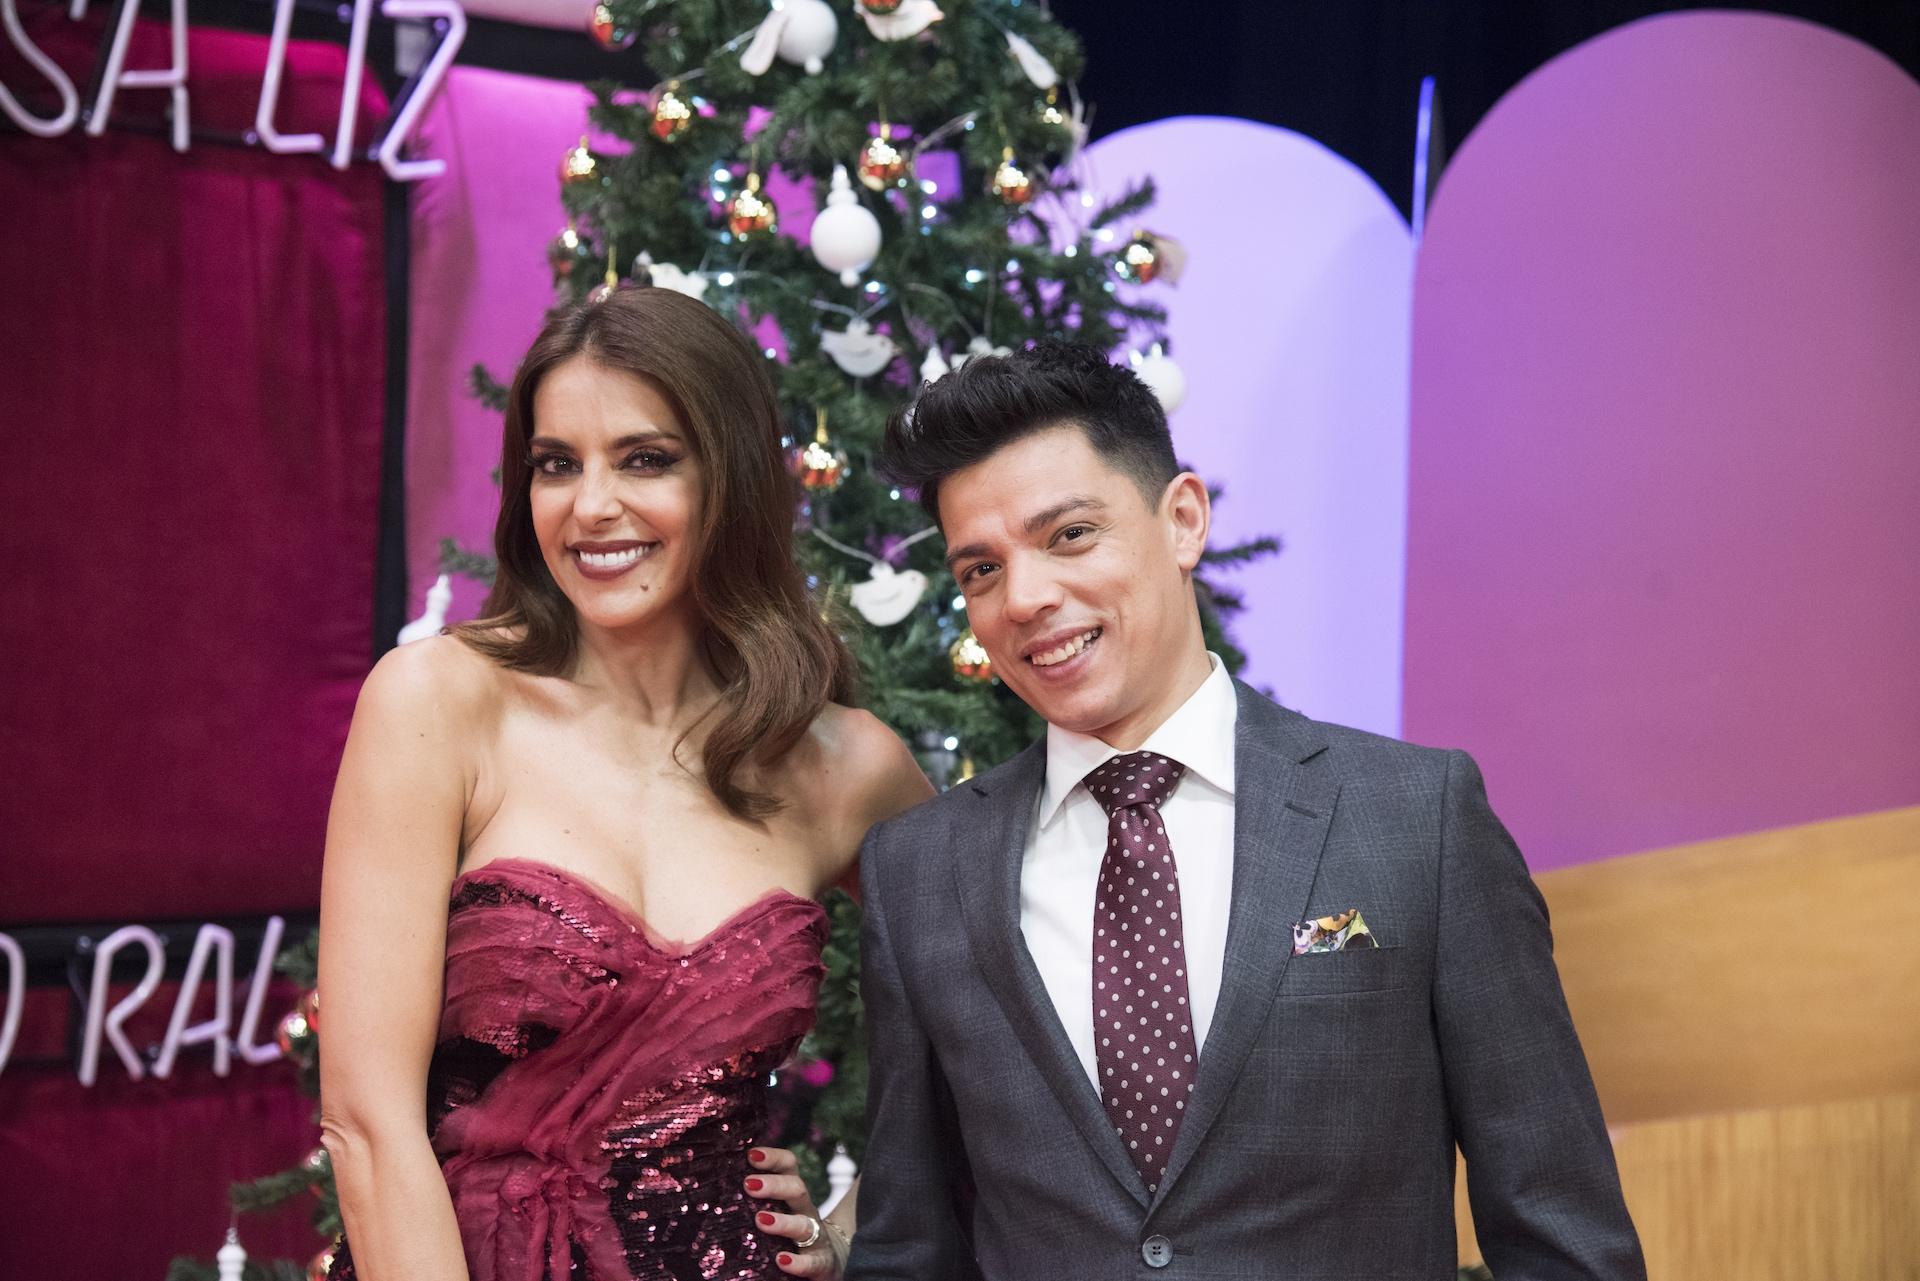 The Voice Portugal Natal 2018 2 The Voice Portugal Celebra Natal Com Gala Especial. Veja As Fotos